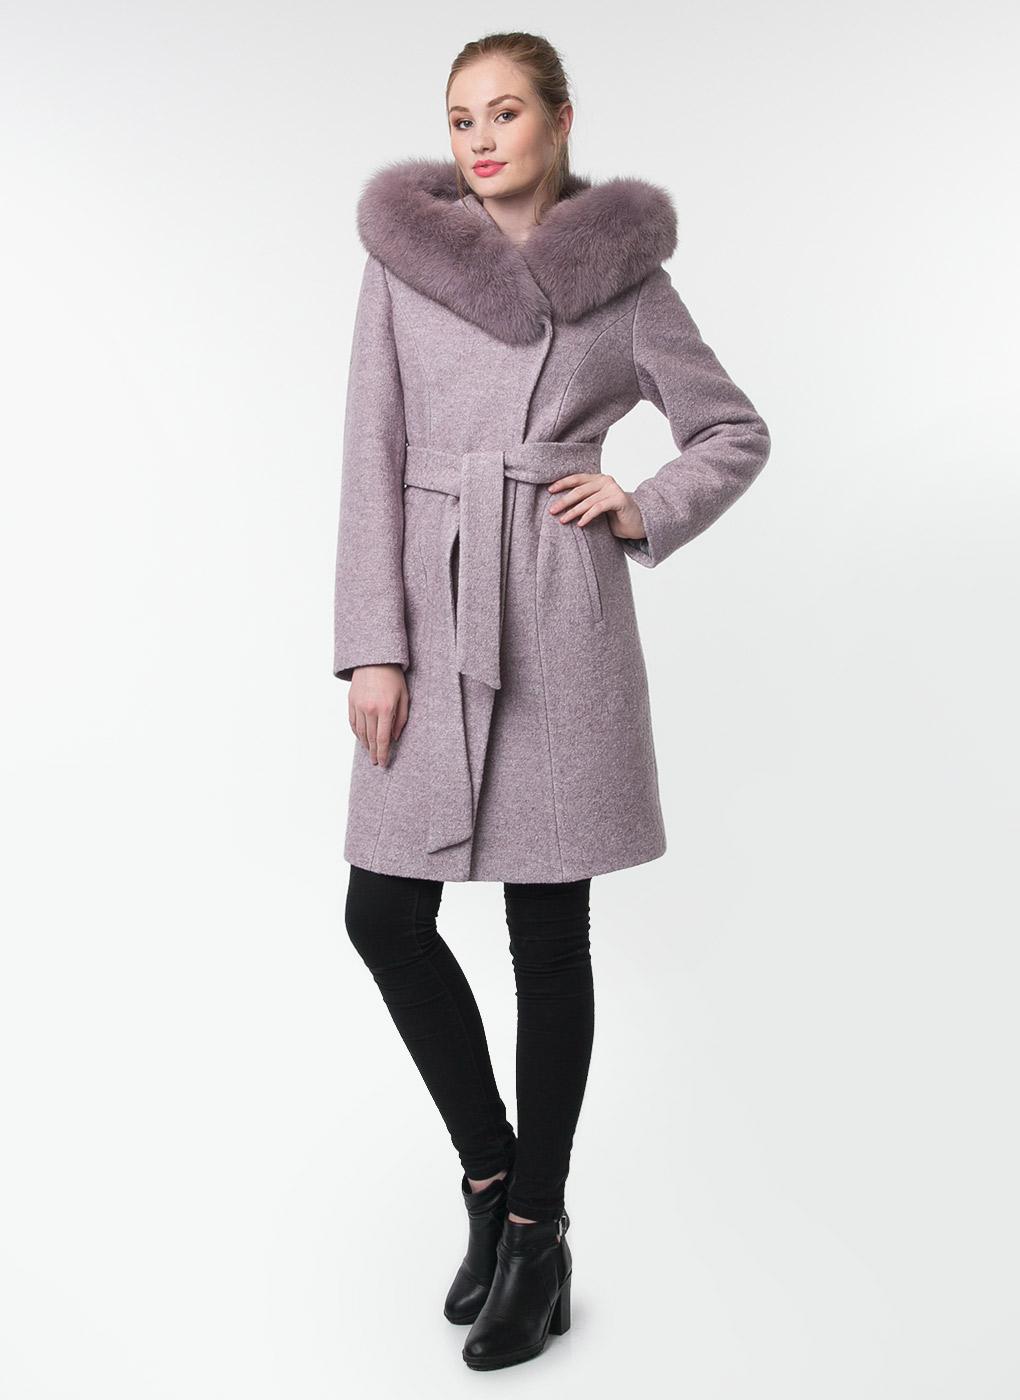 Пальто приталенное полушерстяное 13, Galla Lady фото